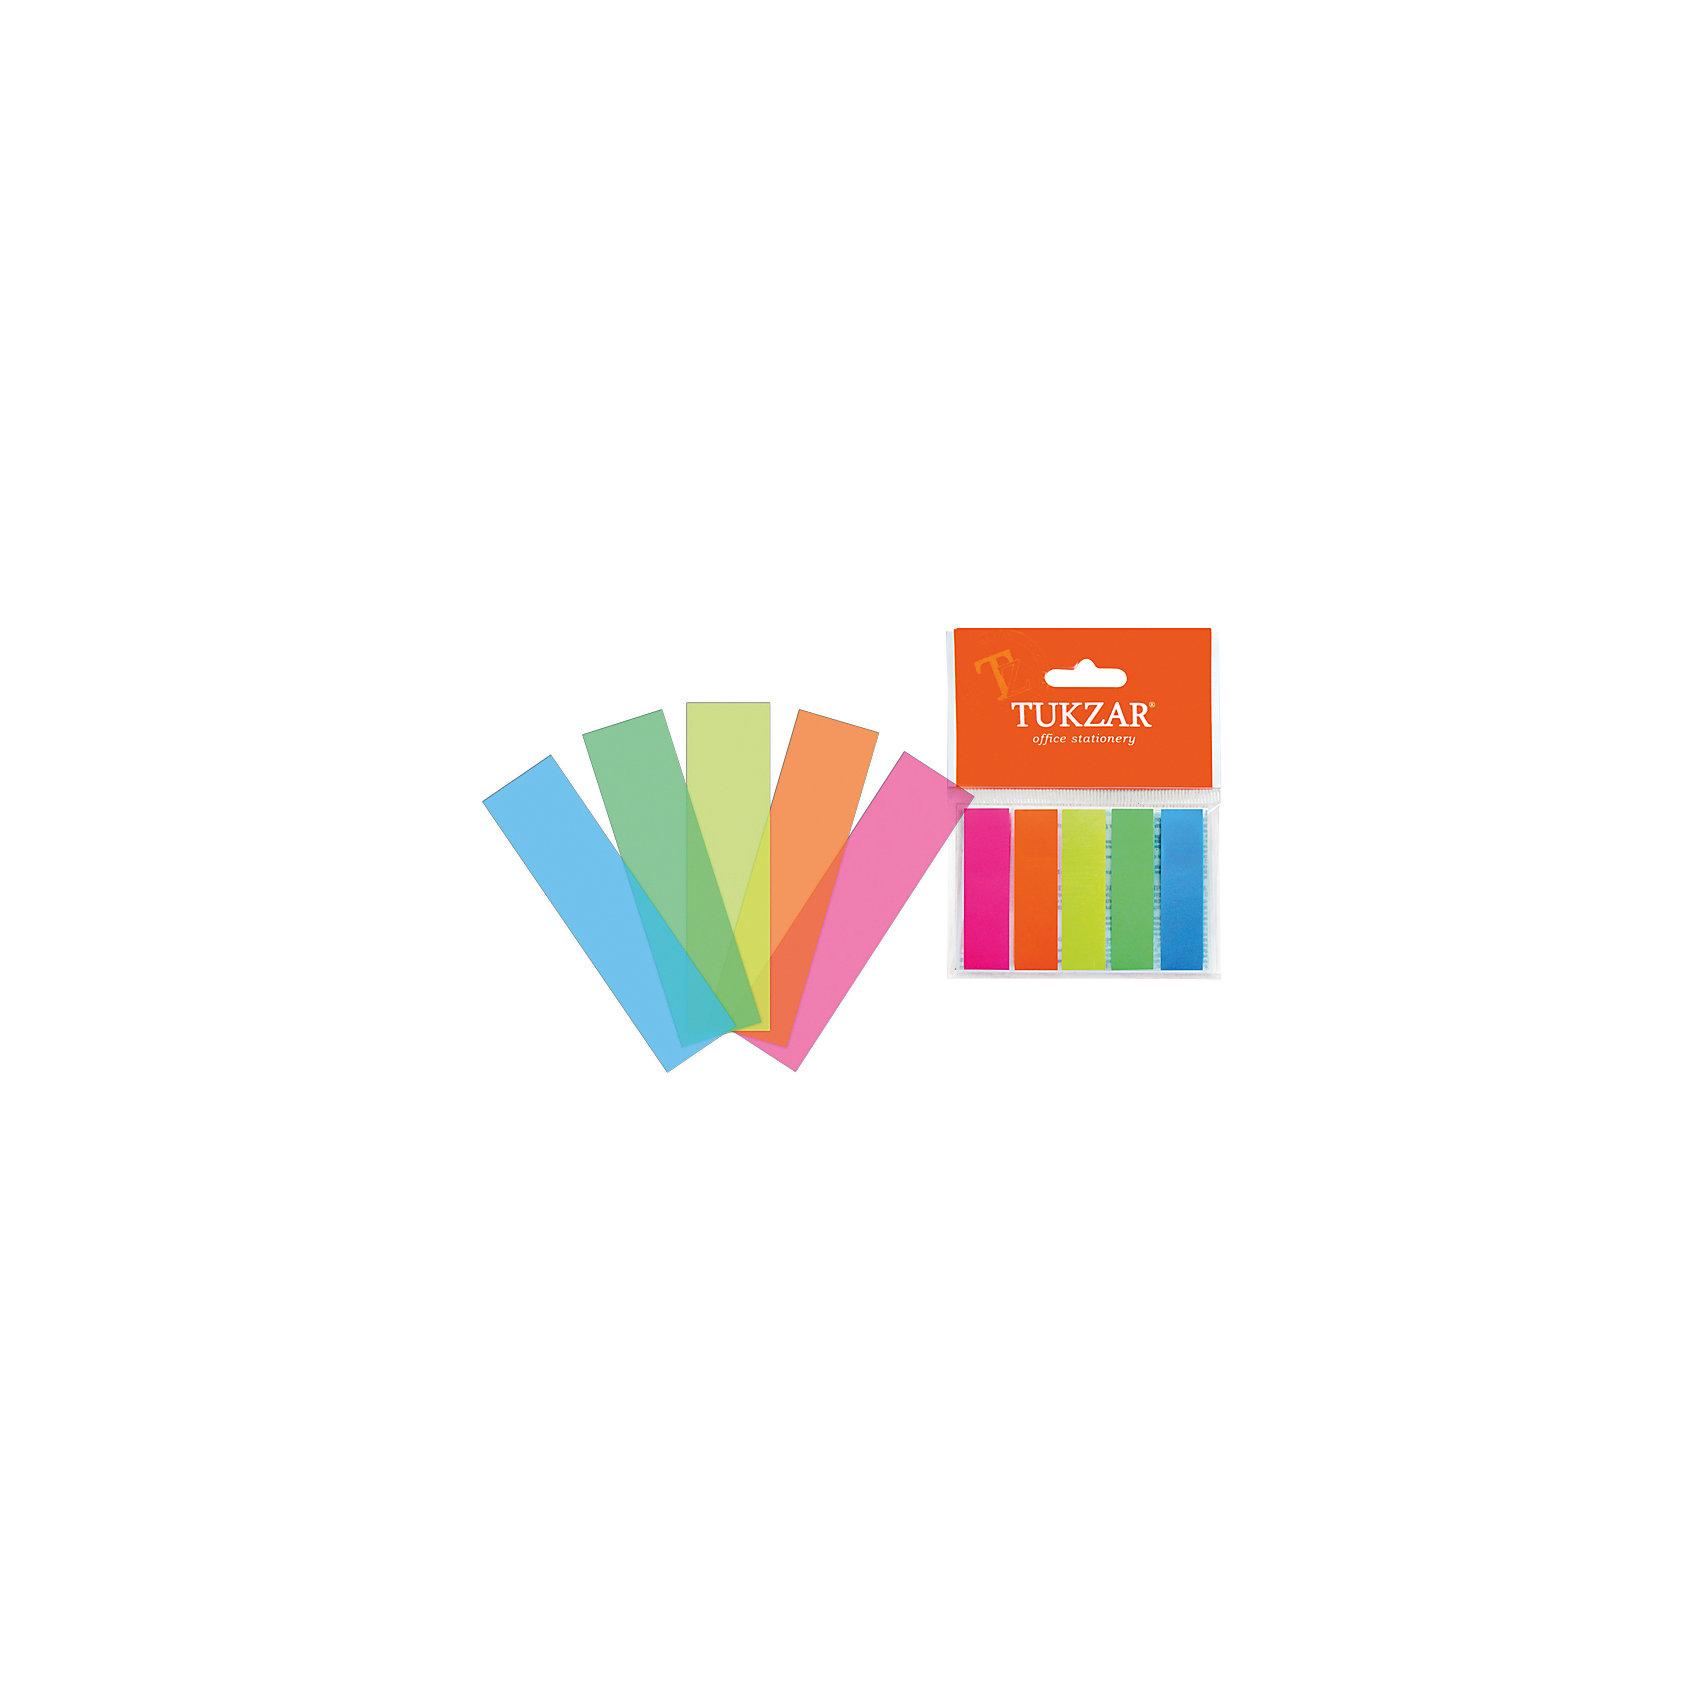 Набор стикеров-разделителей 5*25 штСтикеры – отличный помощник для учебы, работы и просто повседневной жизни. Во время подготовки к школе важно уделить внимание каждой мелочи. Если в списке предметов для учебы есть стикеры, то стоит обратить внимание на стикеры – разделители. Яркие цвета и качественный материал – визитная карточка модели. Клеевой слой достаточно прочный для крепления листов, но при этом легко открепляется, не оставляя при этом следов. Все материалы, использованные при изготовлении, отвечают международным требованиям по качеству и безопасности. Модель подходит для детей.<br><br>Дополнительная информация: <br><br>габариты: 44х12мм;<br>количество: 5х25 шт.<br><br>Набор стикеров – разделителей можно приобрести в нашем магазине.<br><br>Ширина мм: 100<br>Глубина мм: 100<br>Высота мм: 10<br>Вес г: 50<br>Возраст от месяцев: 36<br>Возраст до месяцев: 120<br>Пол: Унисекс<br>Возраст: Детский<br>SKU: 4993540